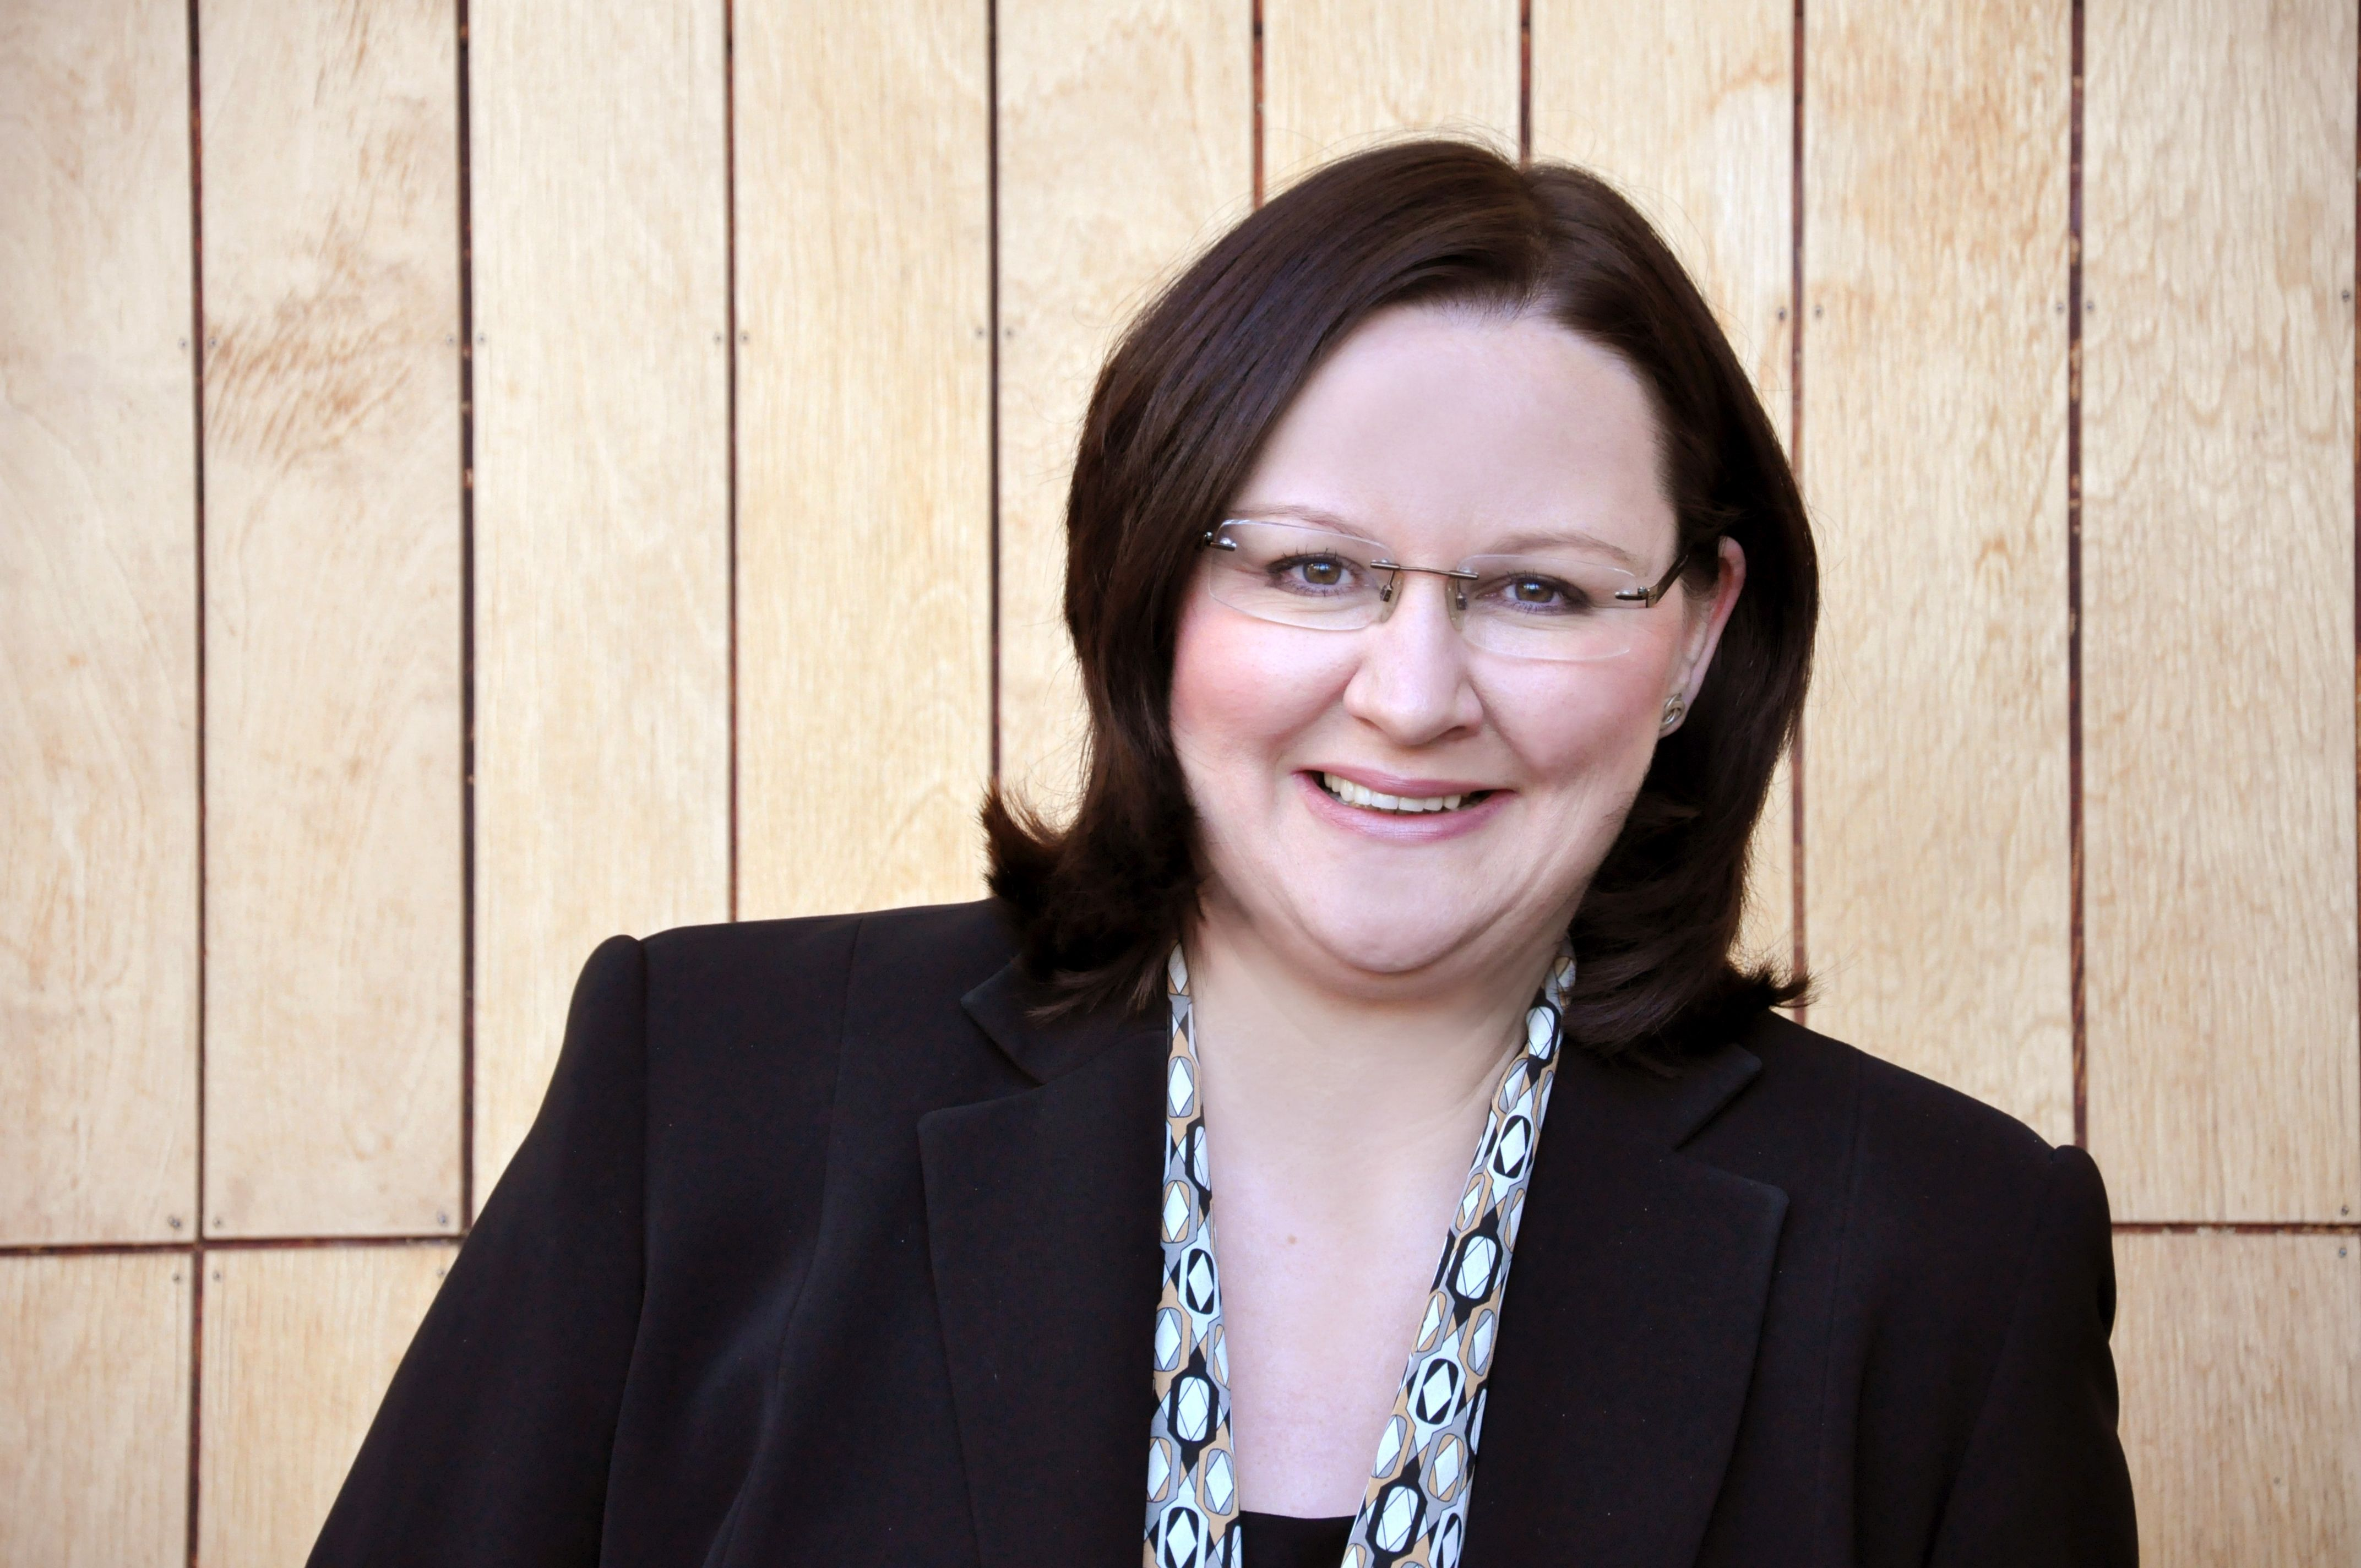 Katrin Stump